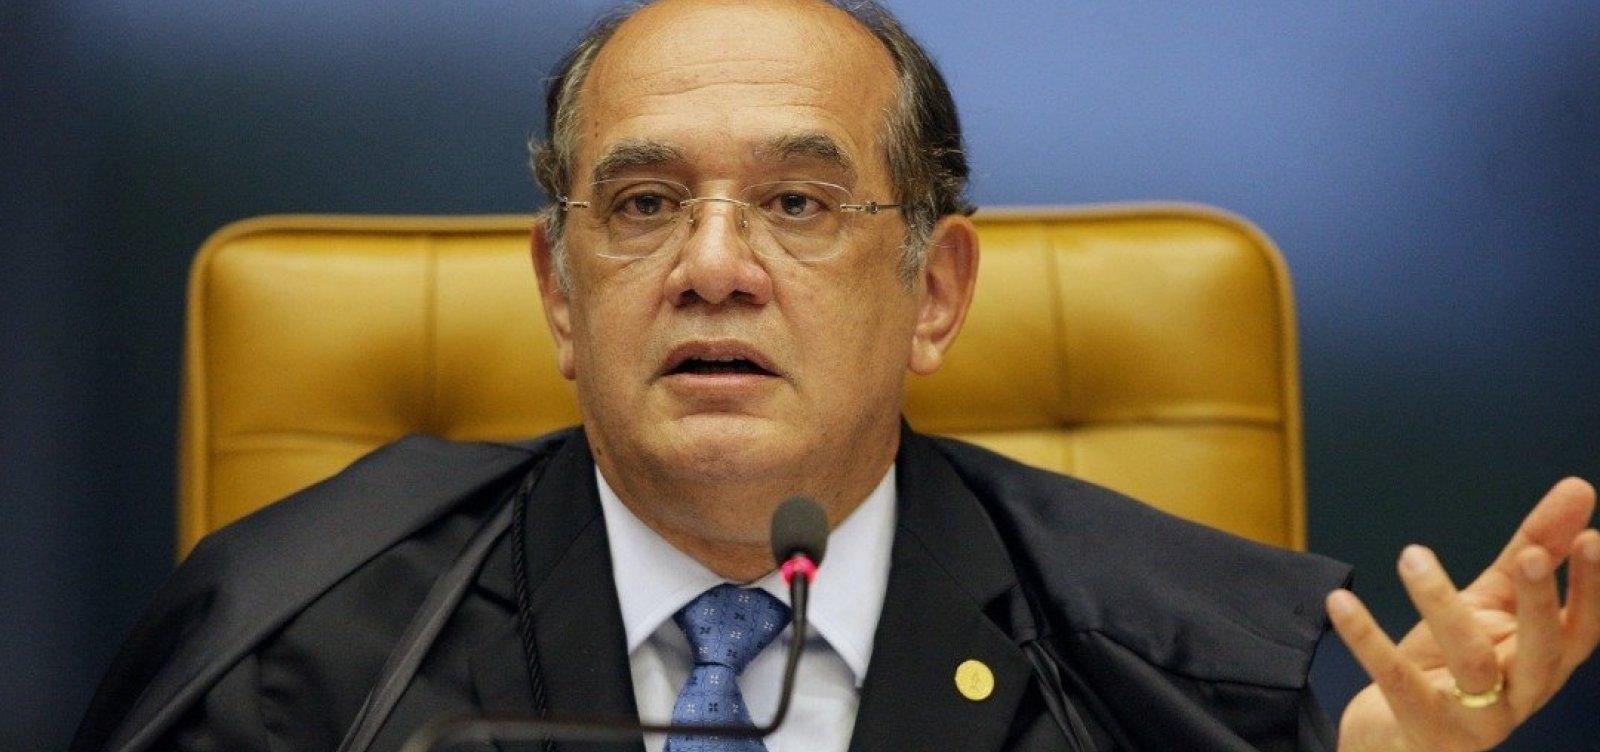 'Ditadura nunca mais', diz Gilmar Mendes após general comentar declaração de Fachin